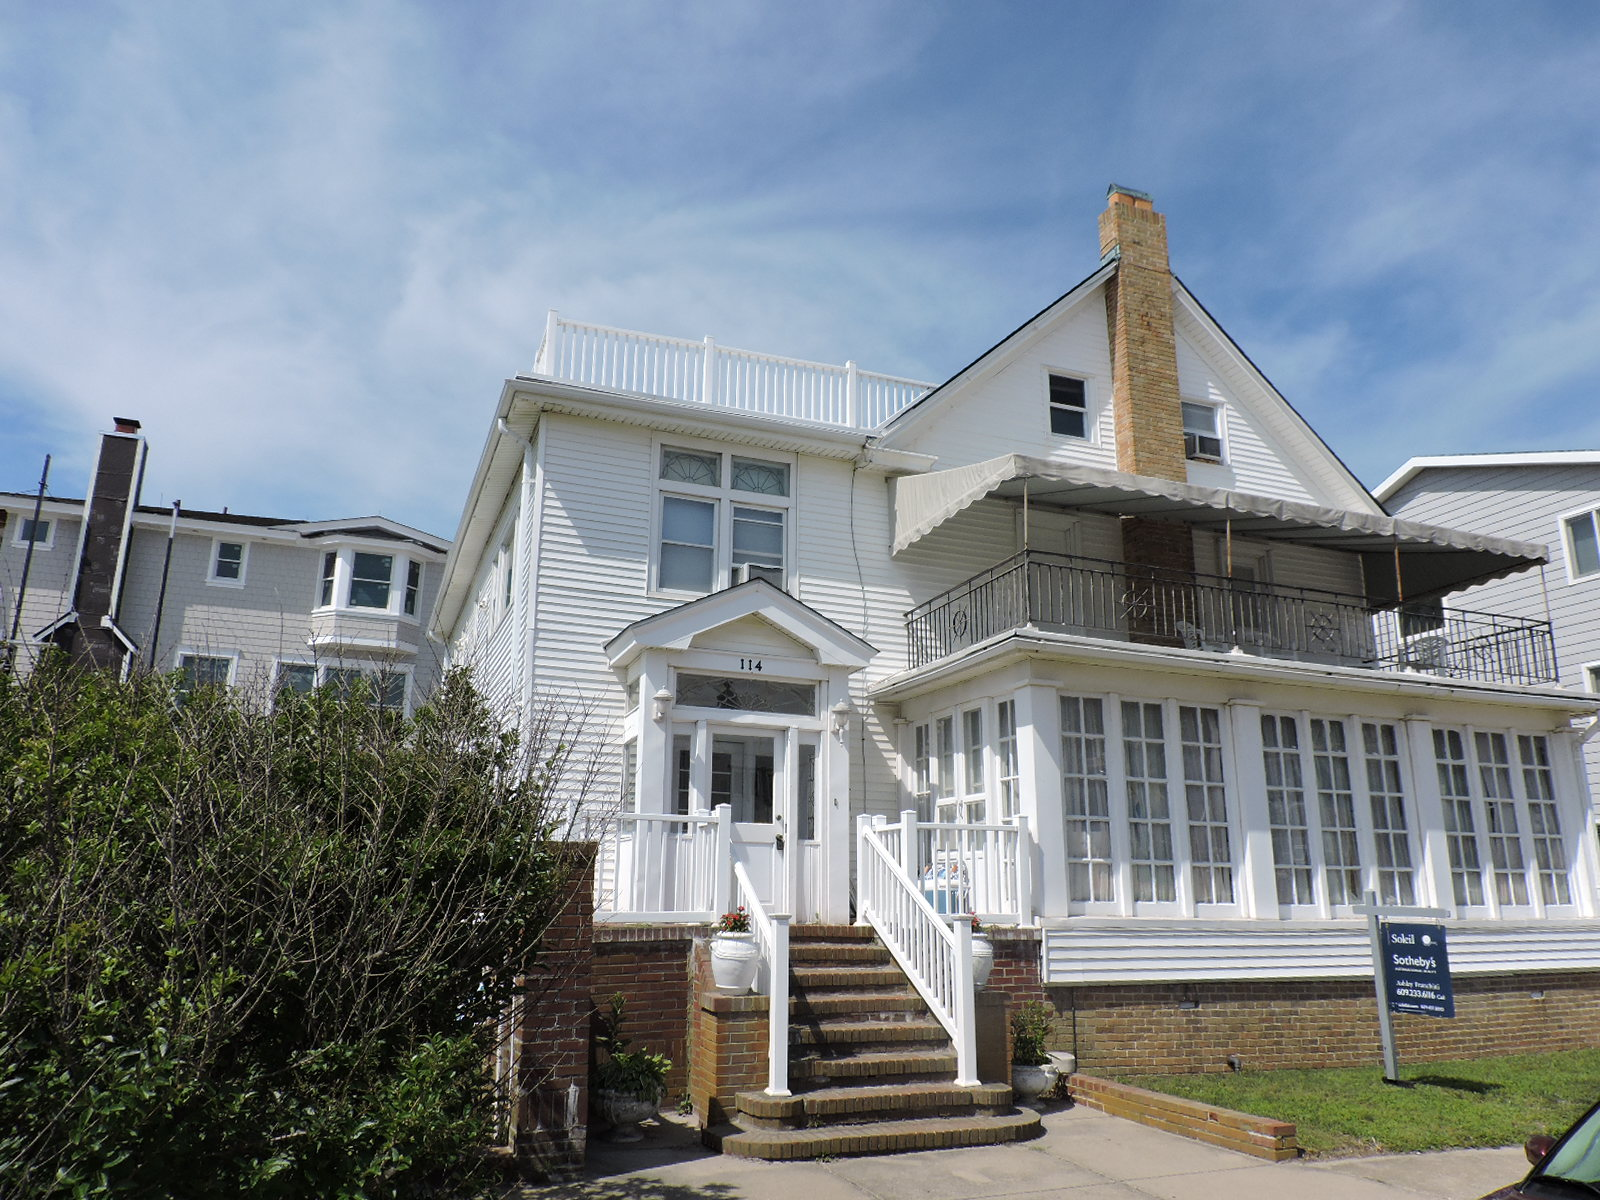 Maison unifamiliale pour l Vente à 114 S. Portland Ave 114 S. Portland Avenue OCEAN FRONT Ventnor City, New Jersey 08406 États-Unis